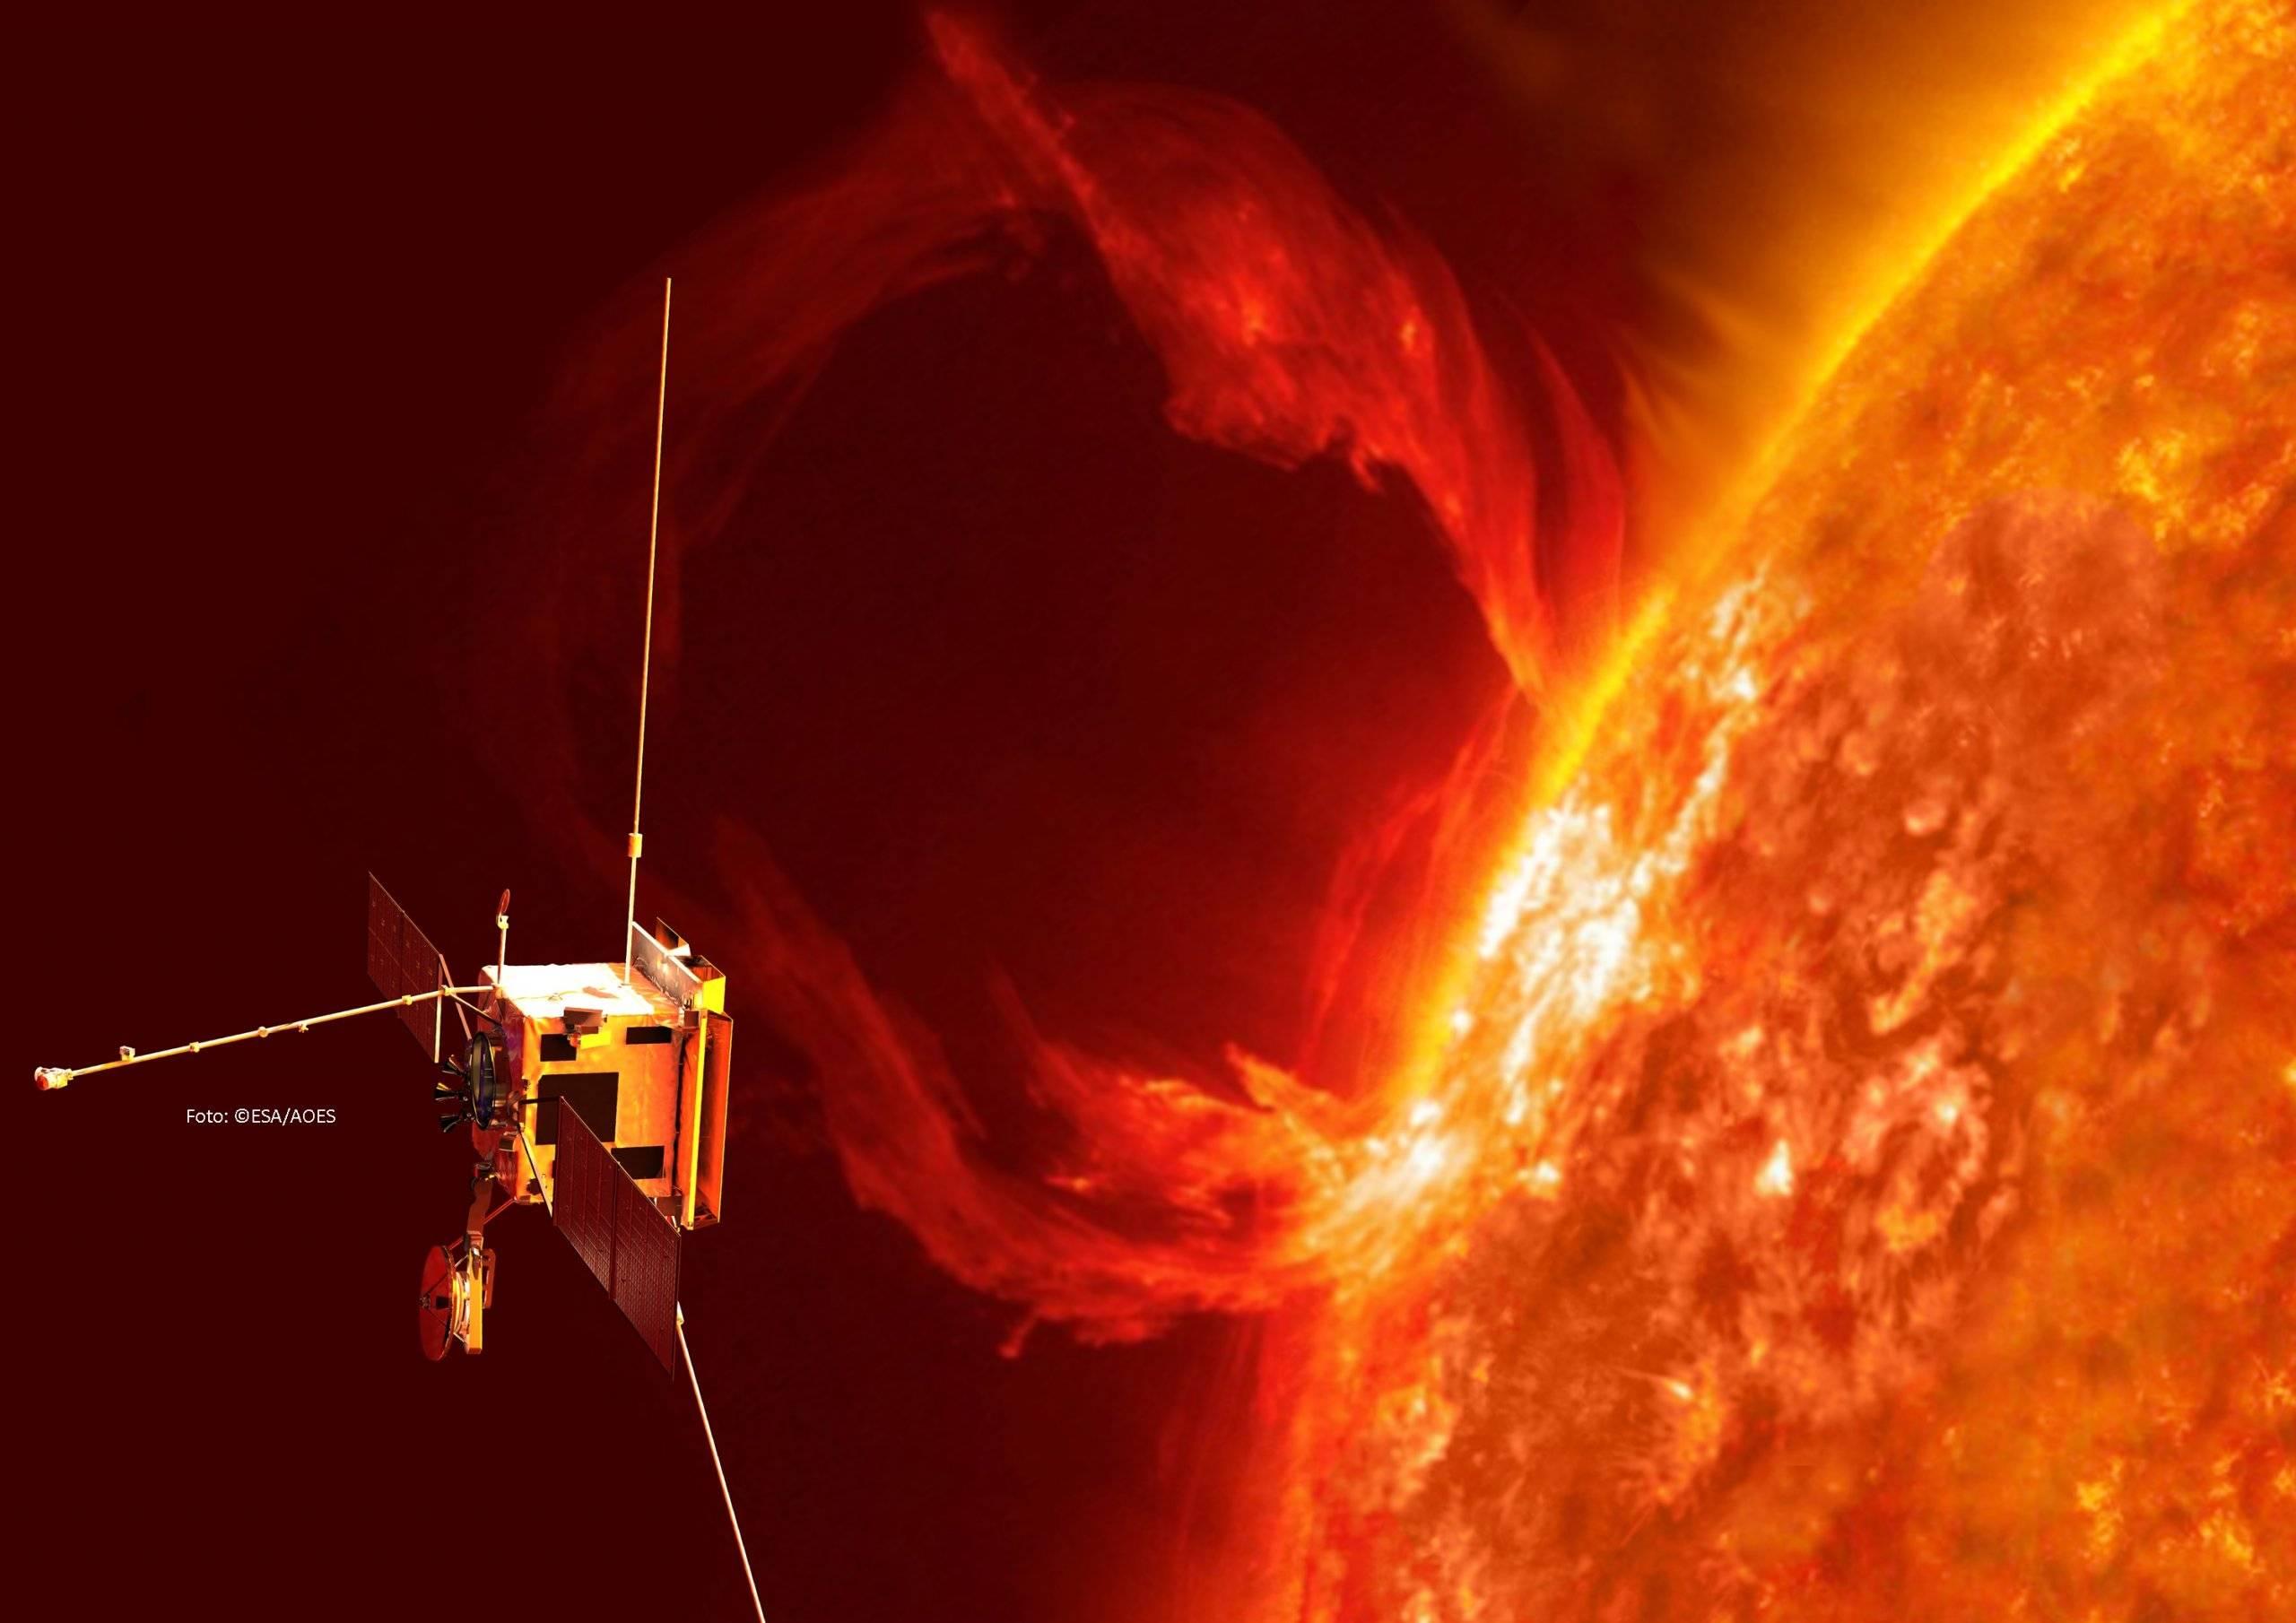 ©ESA/ATG medialab; Sun: NASA/SDO/ P. Testa (CfA)